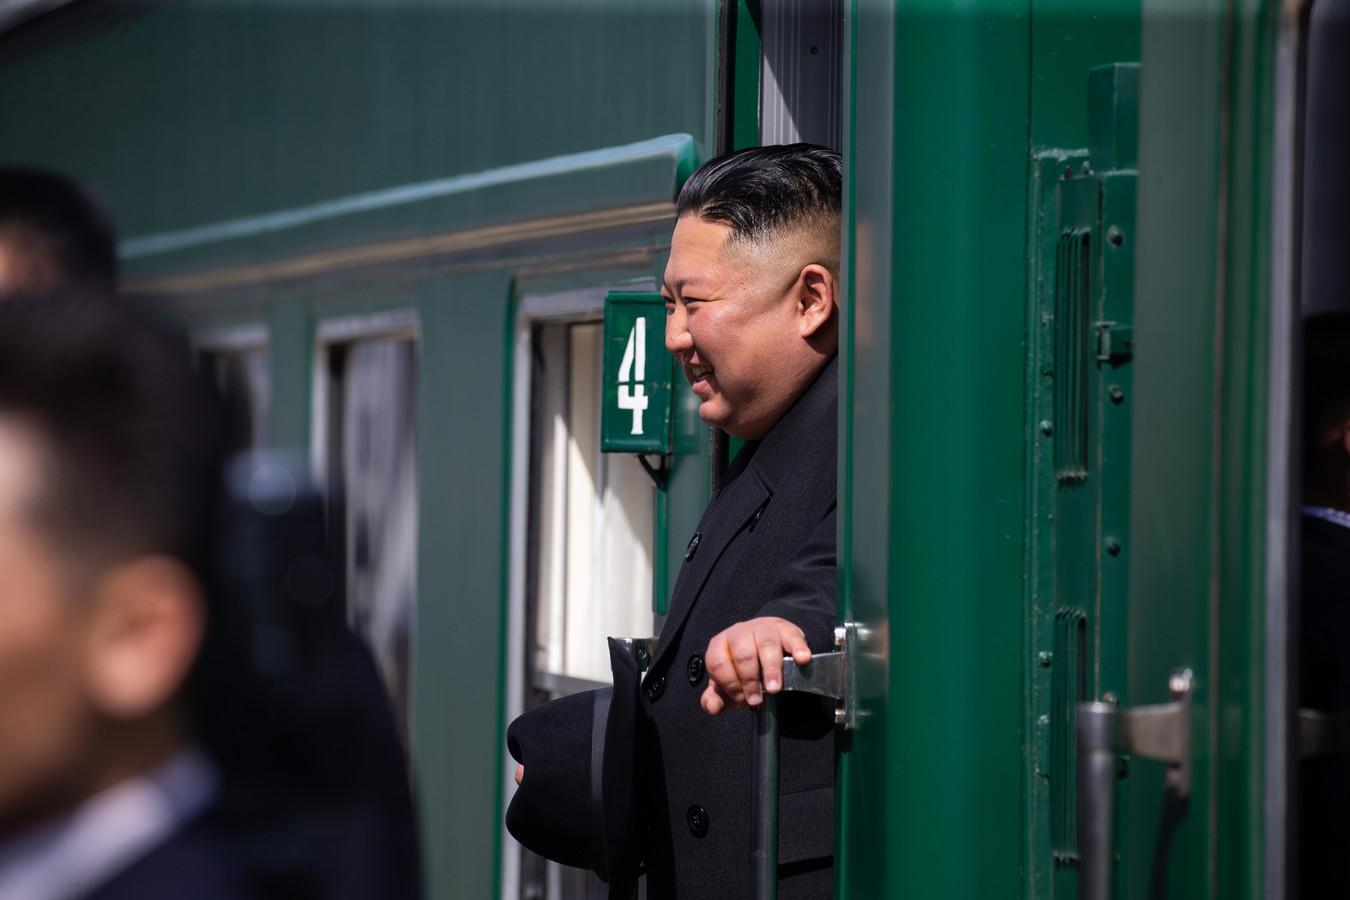 Kim Jong-un stapt zijn trein in, in Vladivostok en is nu weer thuis.